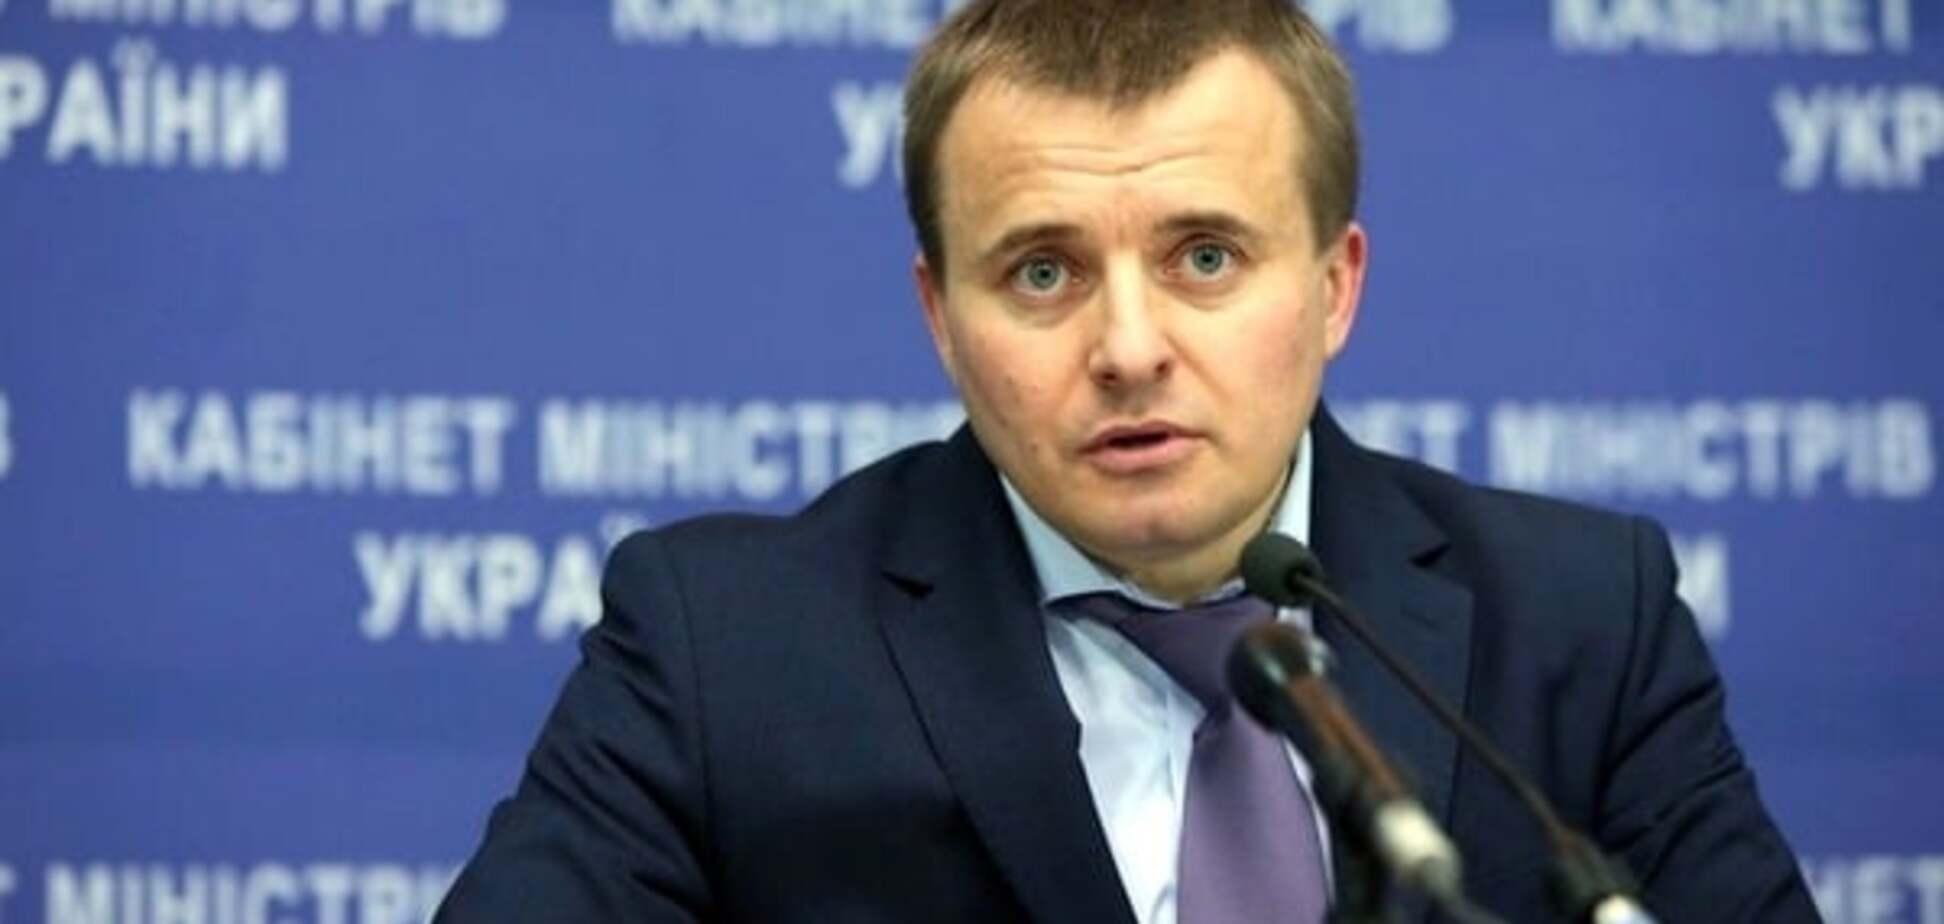 Демчишин не будет работать в правительстве Гройсмана - нардеп